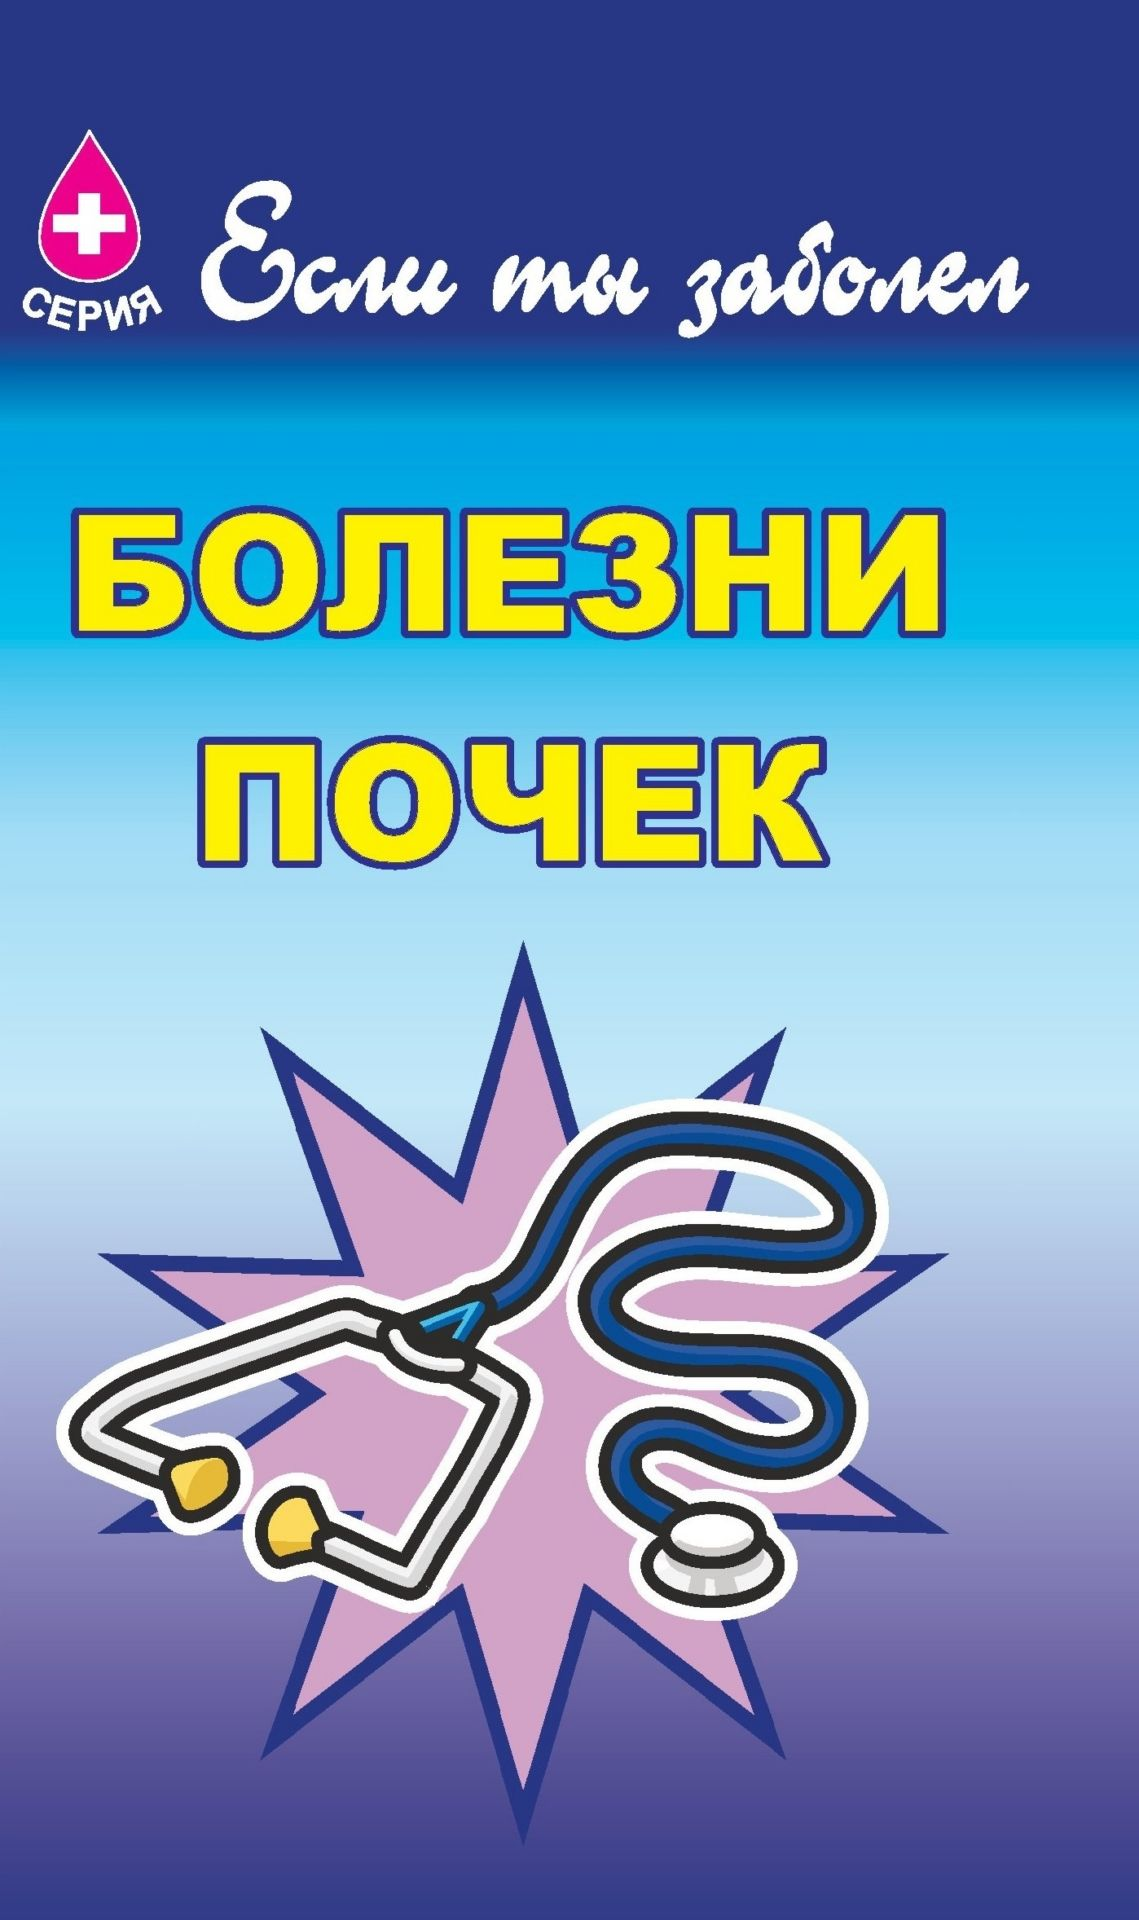 Болезни почекЗдоровье<br>В пособии серии Если ты заболел даются элементарные знания о заболеваниях почек и краткие рекомендации по их лечению и профилактике.Предназначено для широкого круга читателей.<br><br>Авторы: Аверина В.И.<br>Год: 2006<br>Серия: Если ты заболел<br>ISBN: 5-7057-0832-7<br>Высота: 195<br>Ширина: 140<br>Толщина: 3